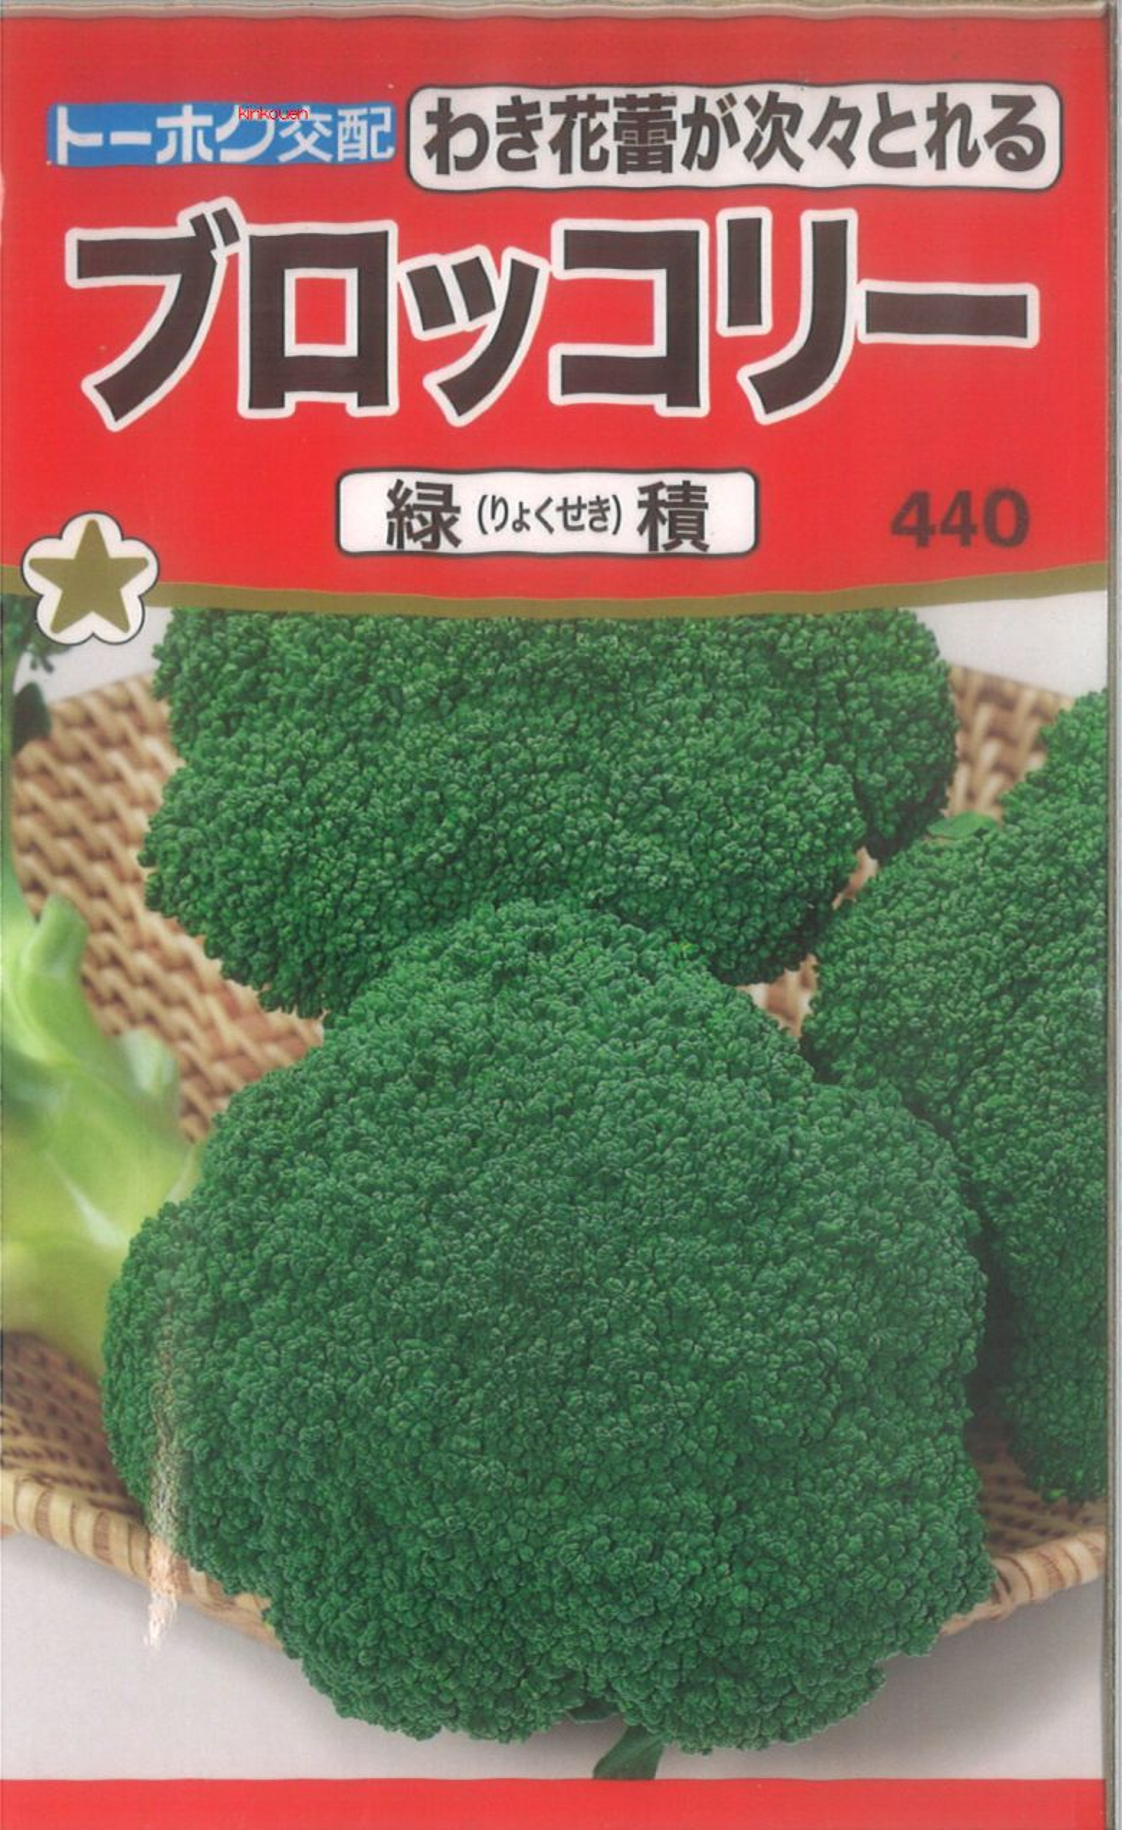 【代引不可】【5袋まで送料80円】 □ブロッコリー緑積